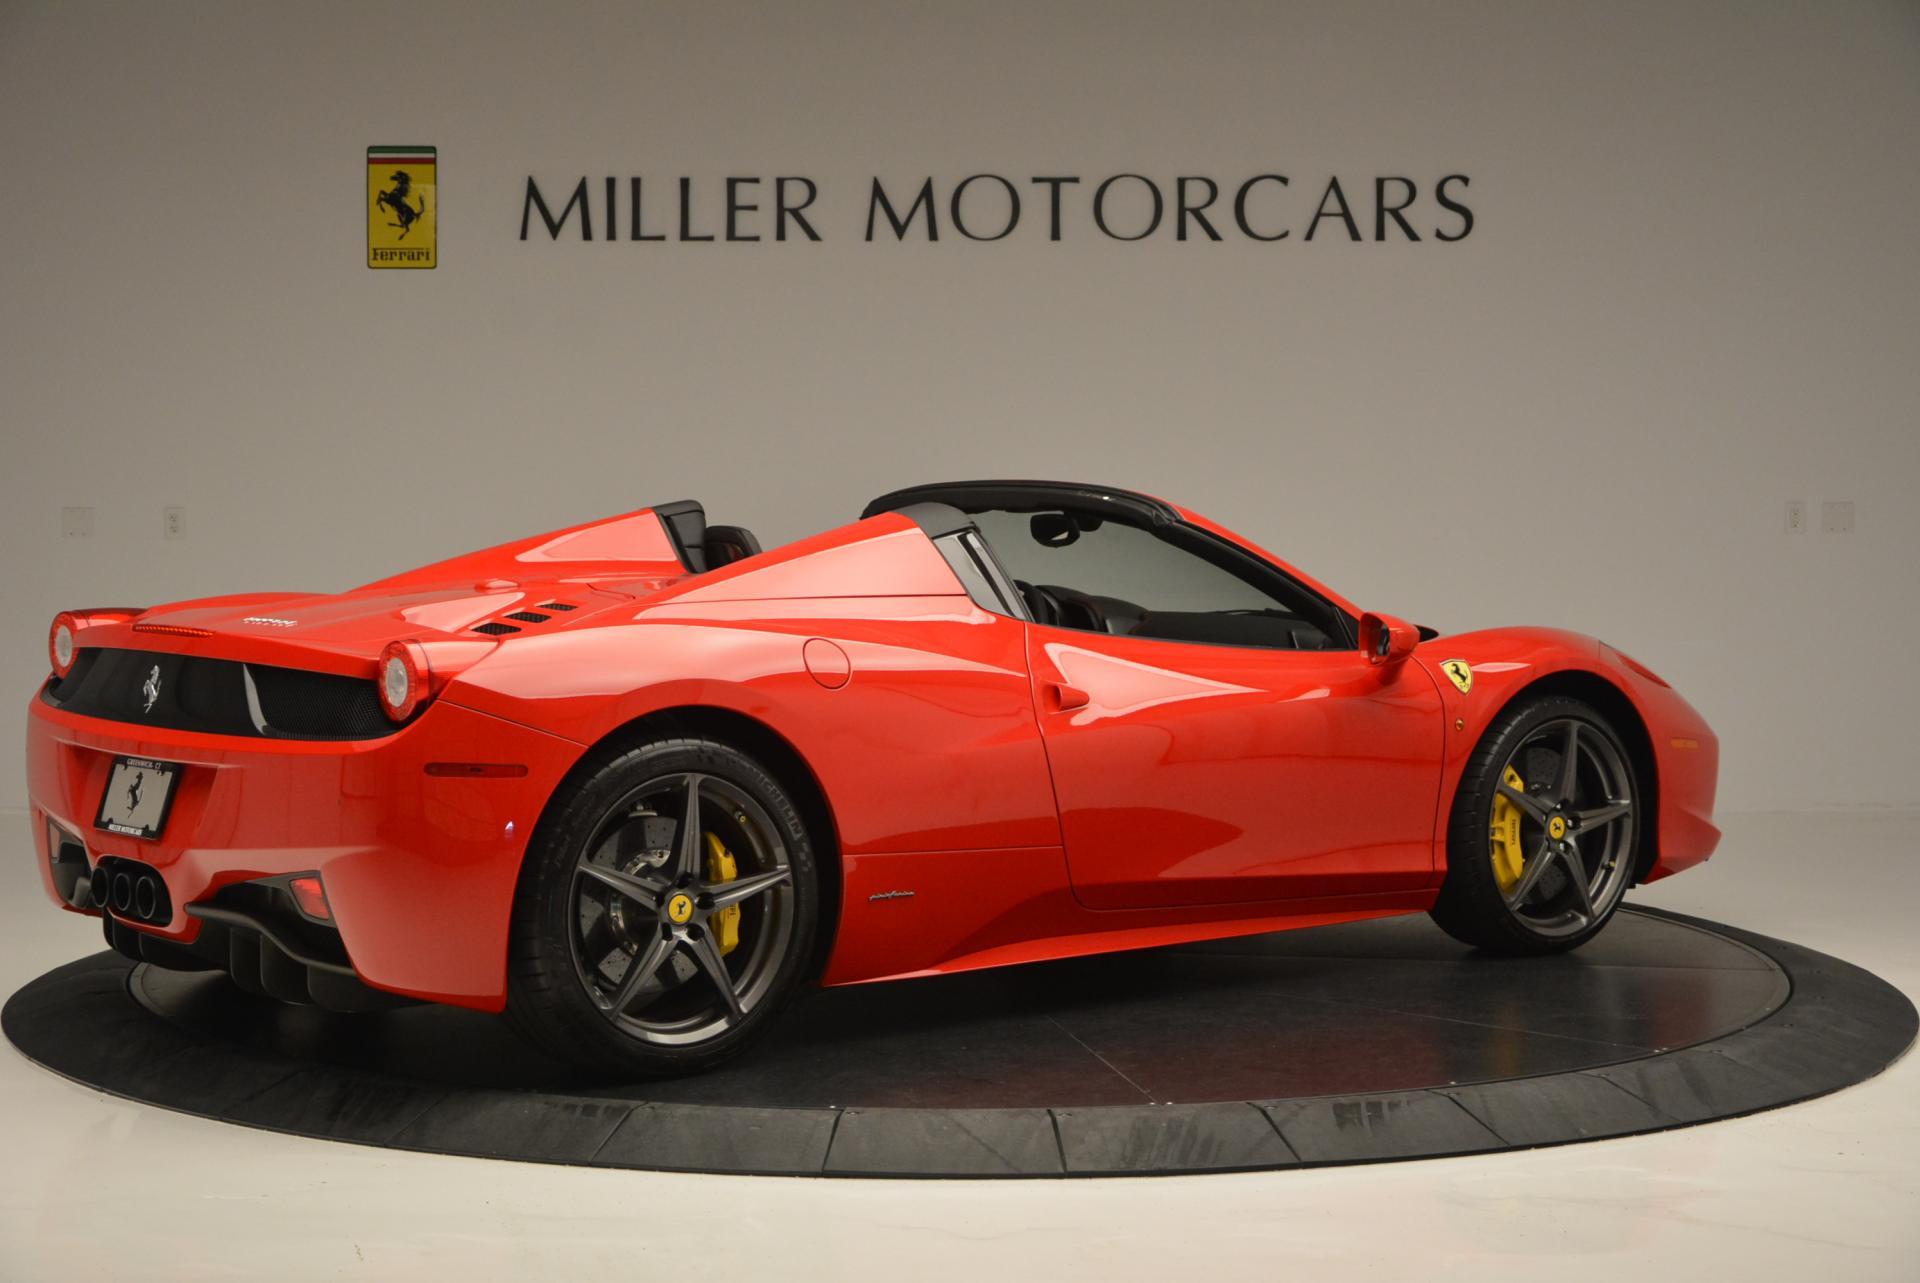 Pre Owned 2015 Ferrari 458 Spider For Sale Miller Motorcars Stock 4335